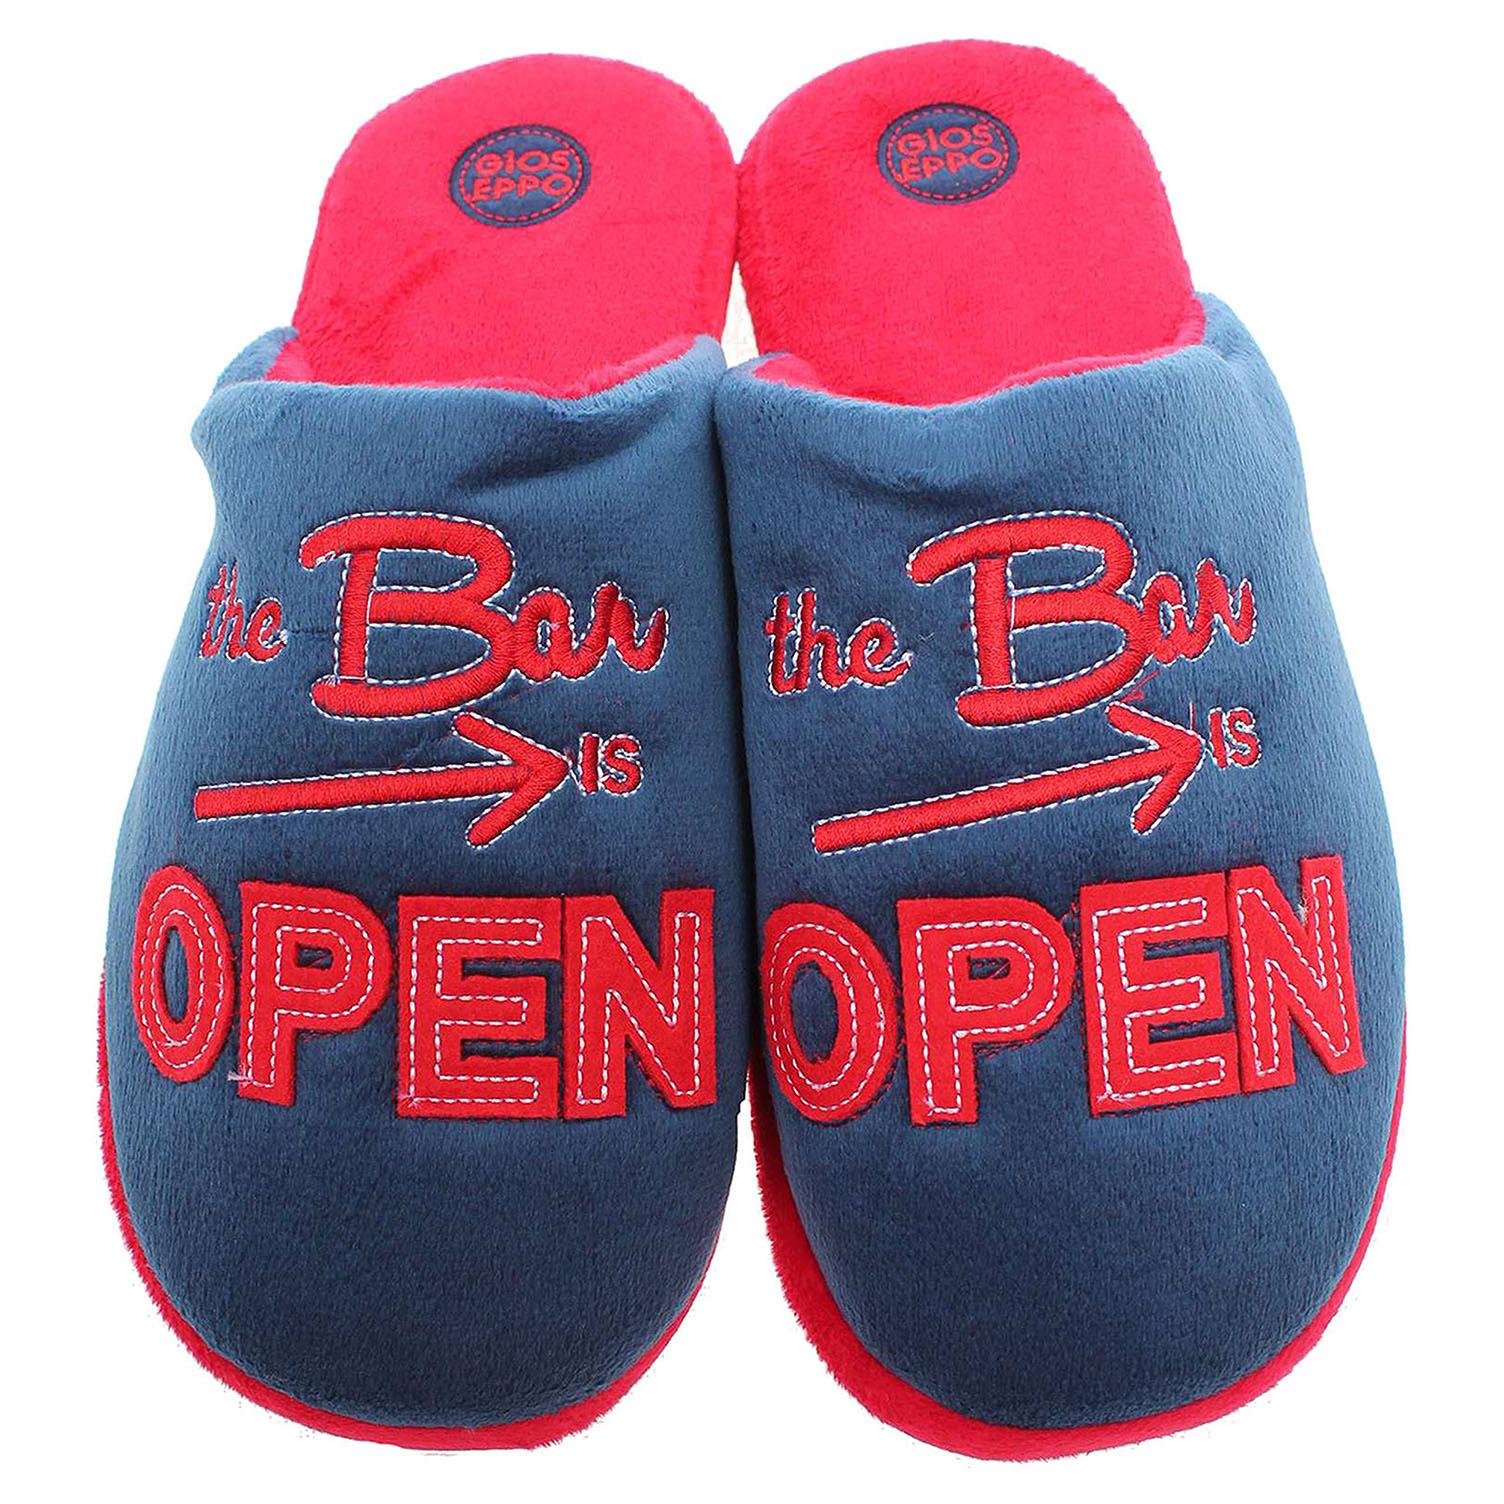 Gioseppo Open pánské domácí pantofle modrá-červená 40